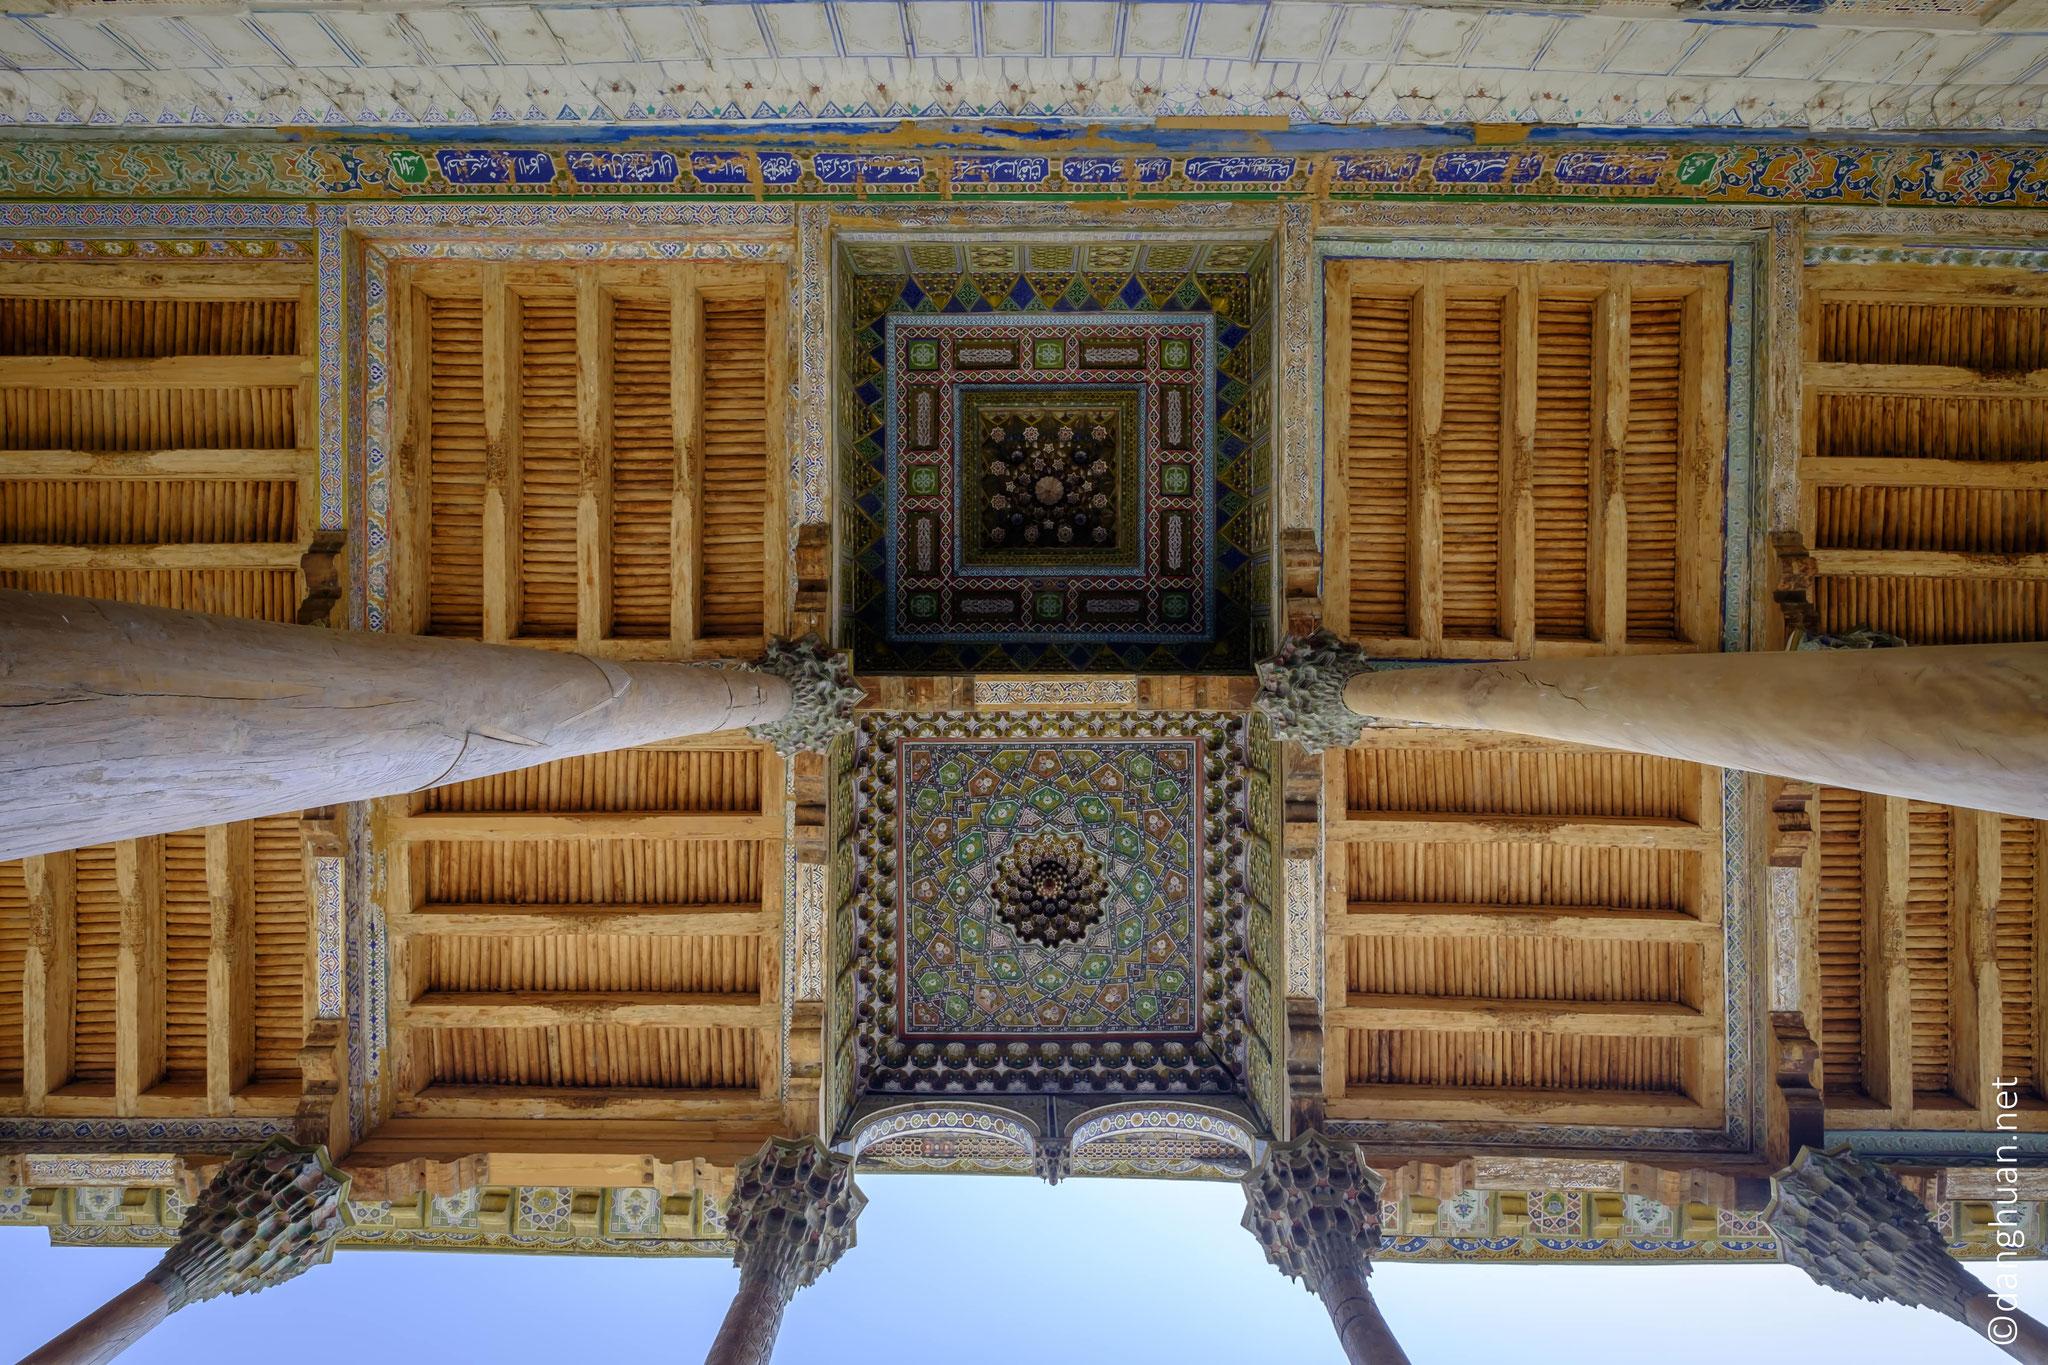 motifs du plafond de l'aïwan de la mosquée Bolo-Khaouz